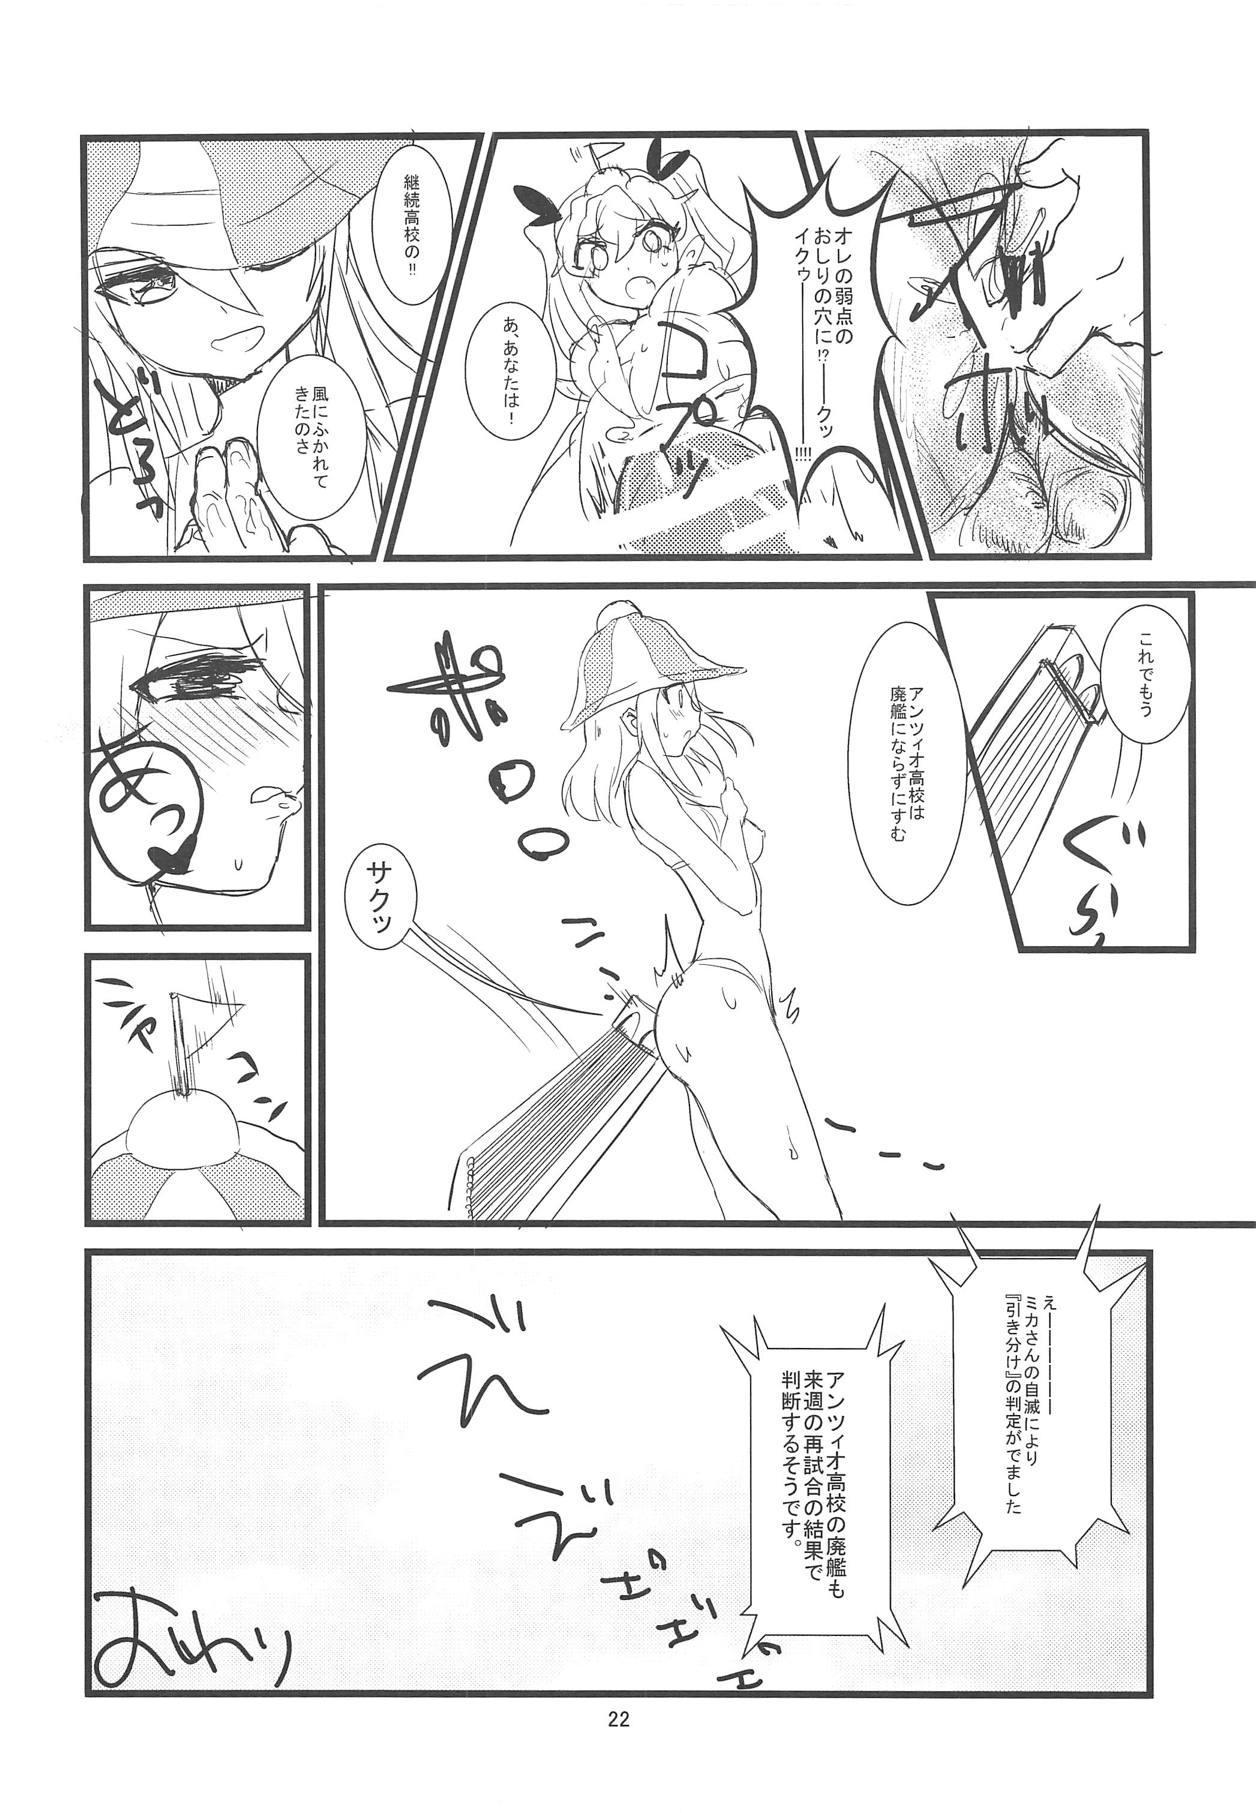 Kore ga Hontou no Anzio-sen desu 22